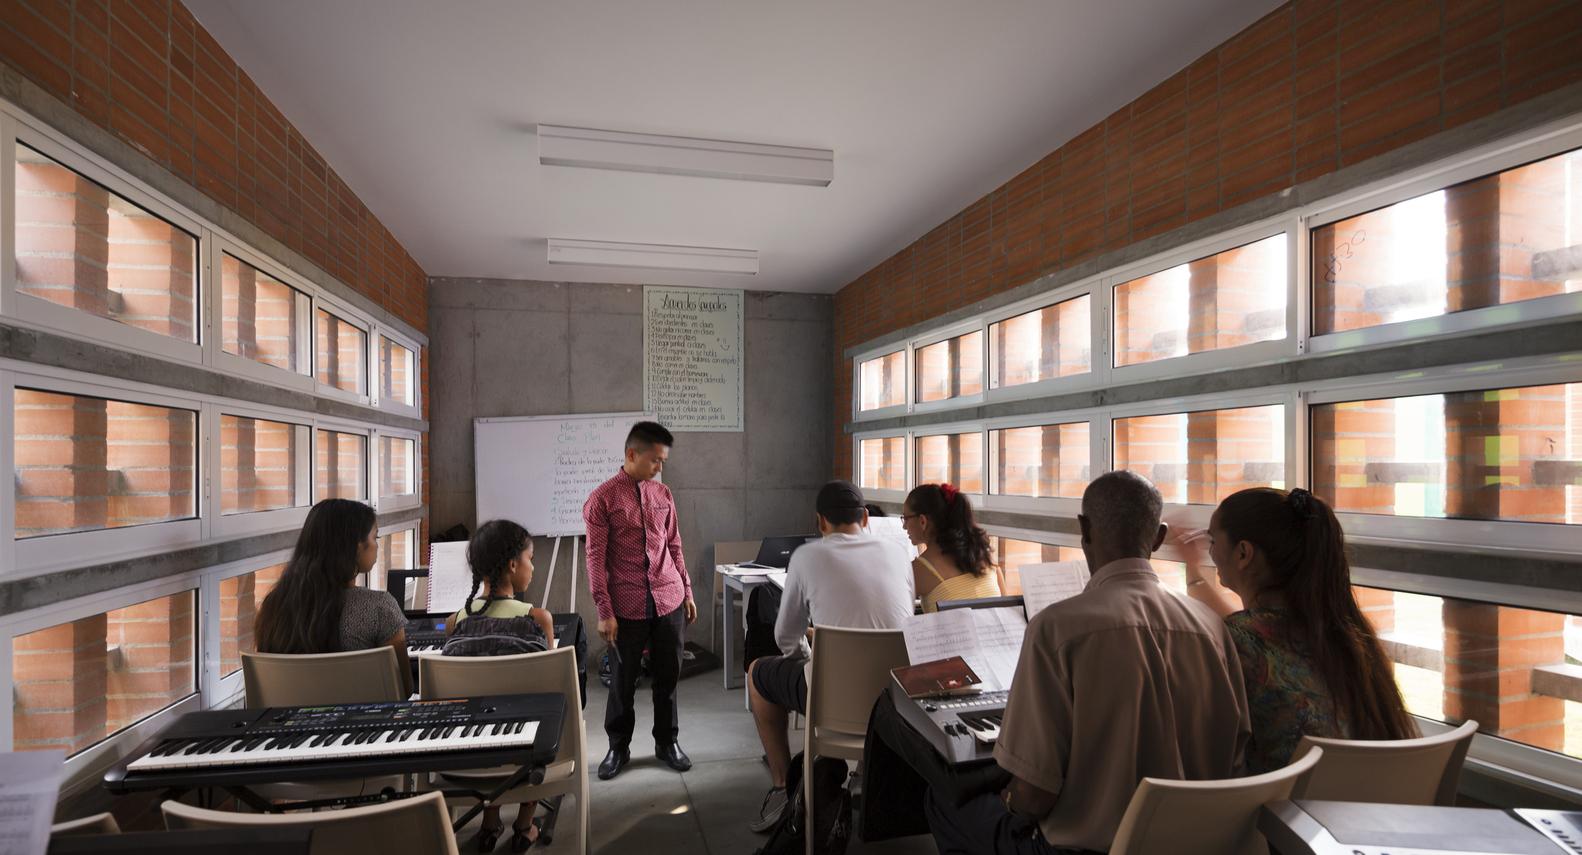 escuela-musica-la-candelaria-espacio-colectivo-Federico-Cairolli-04